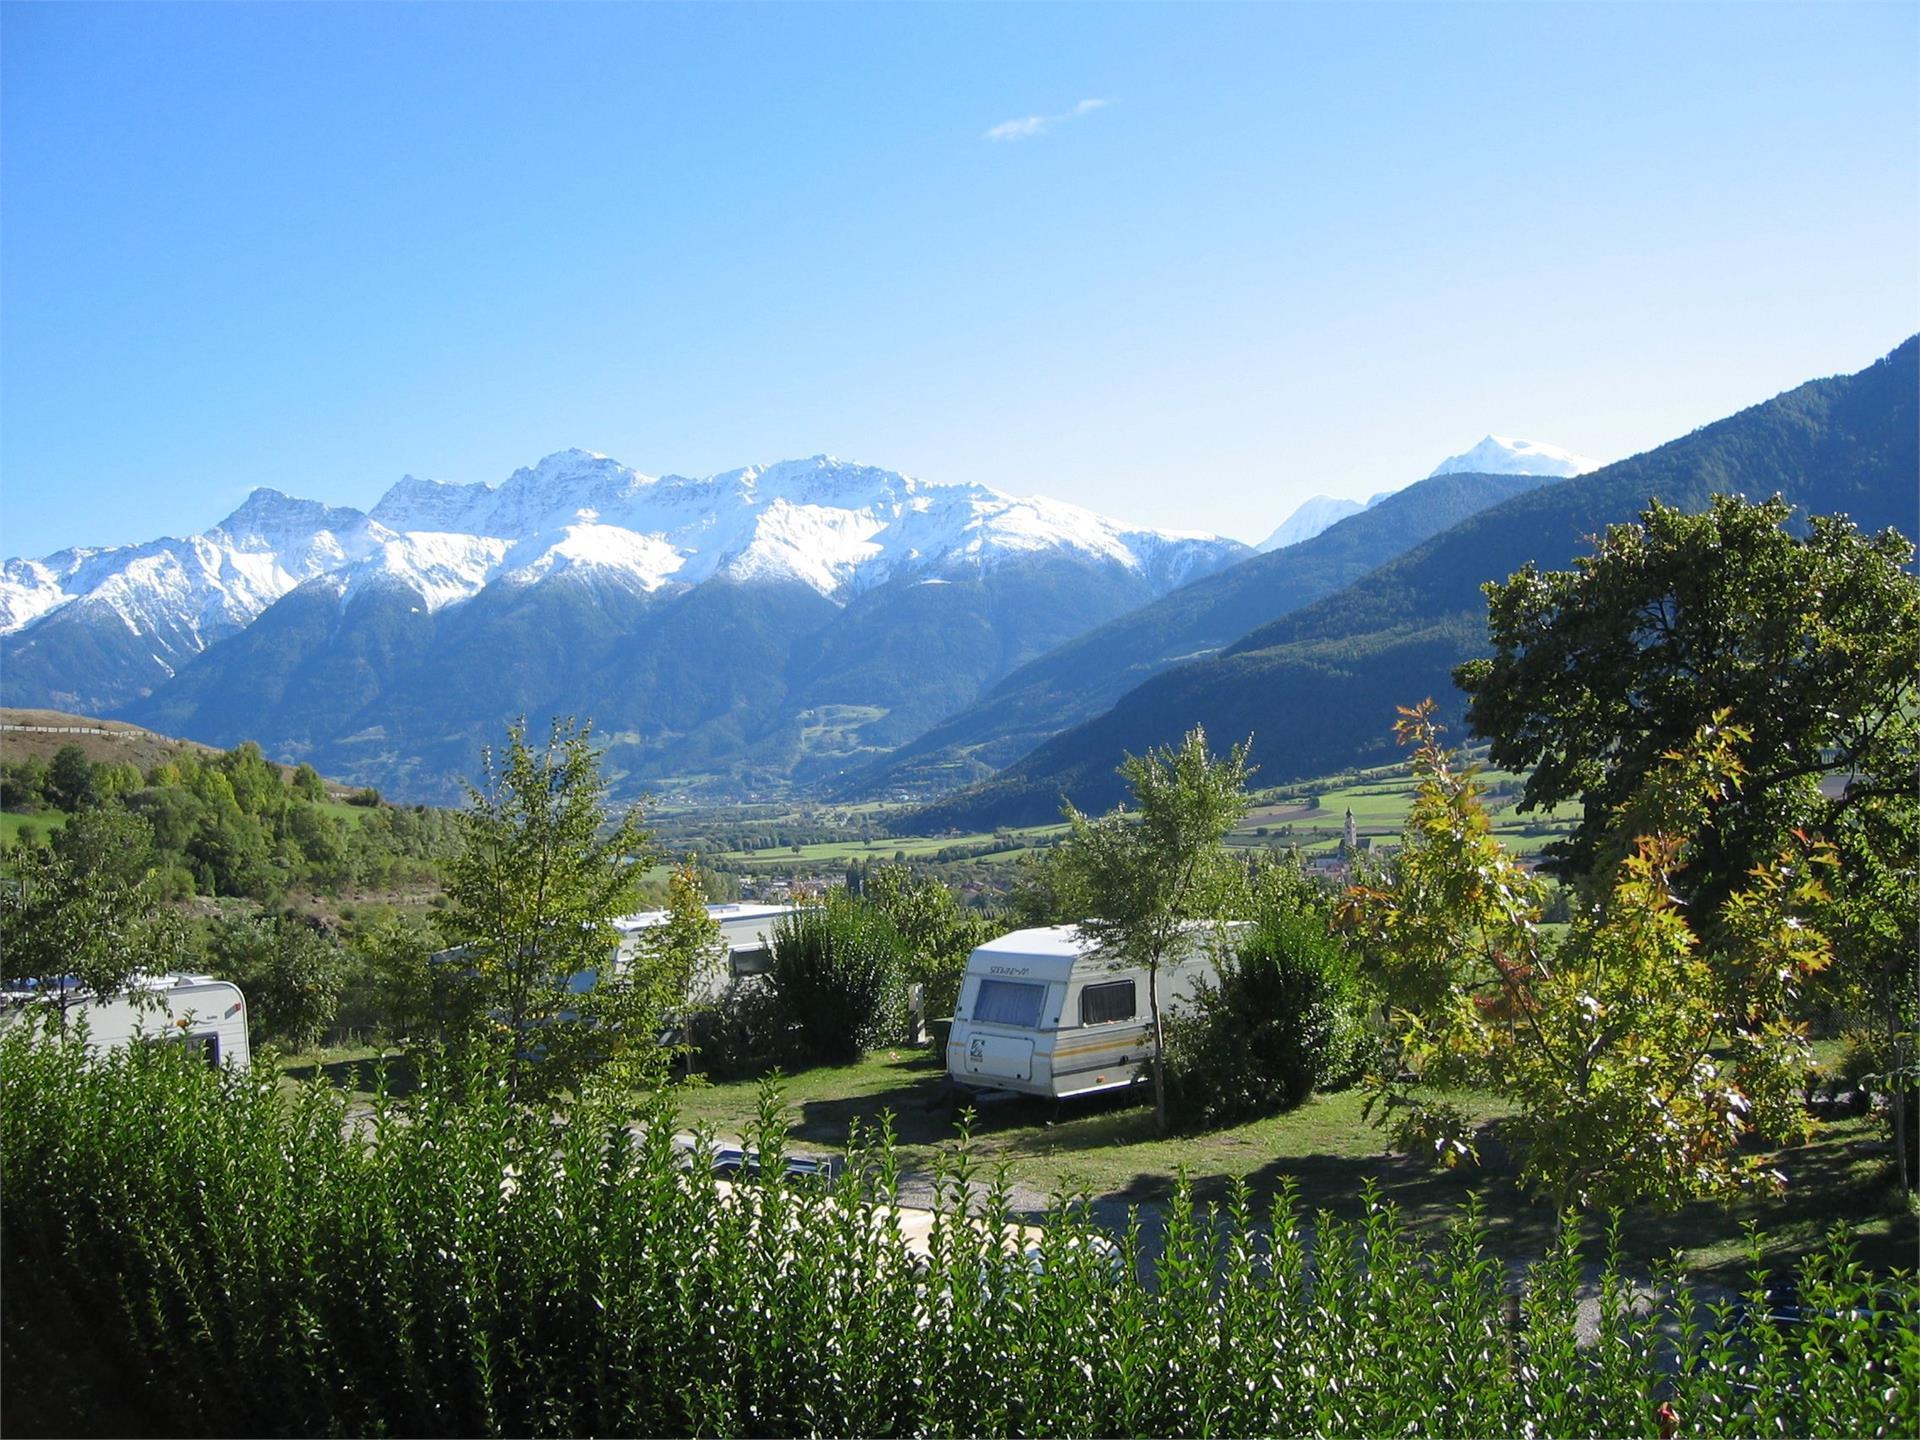 Camping Mals